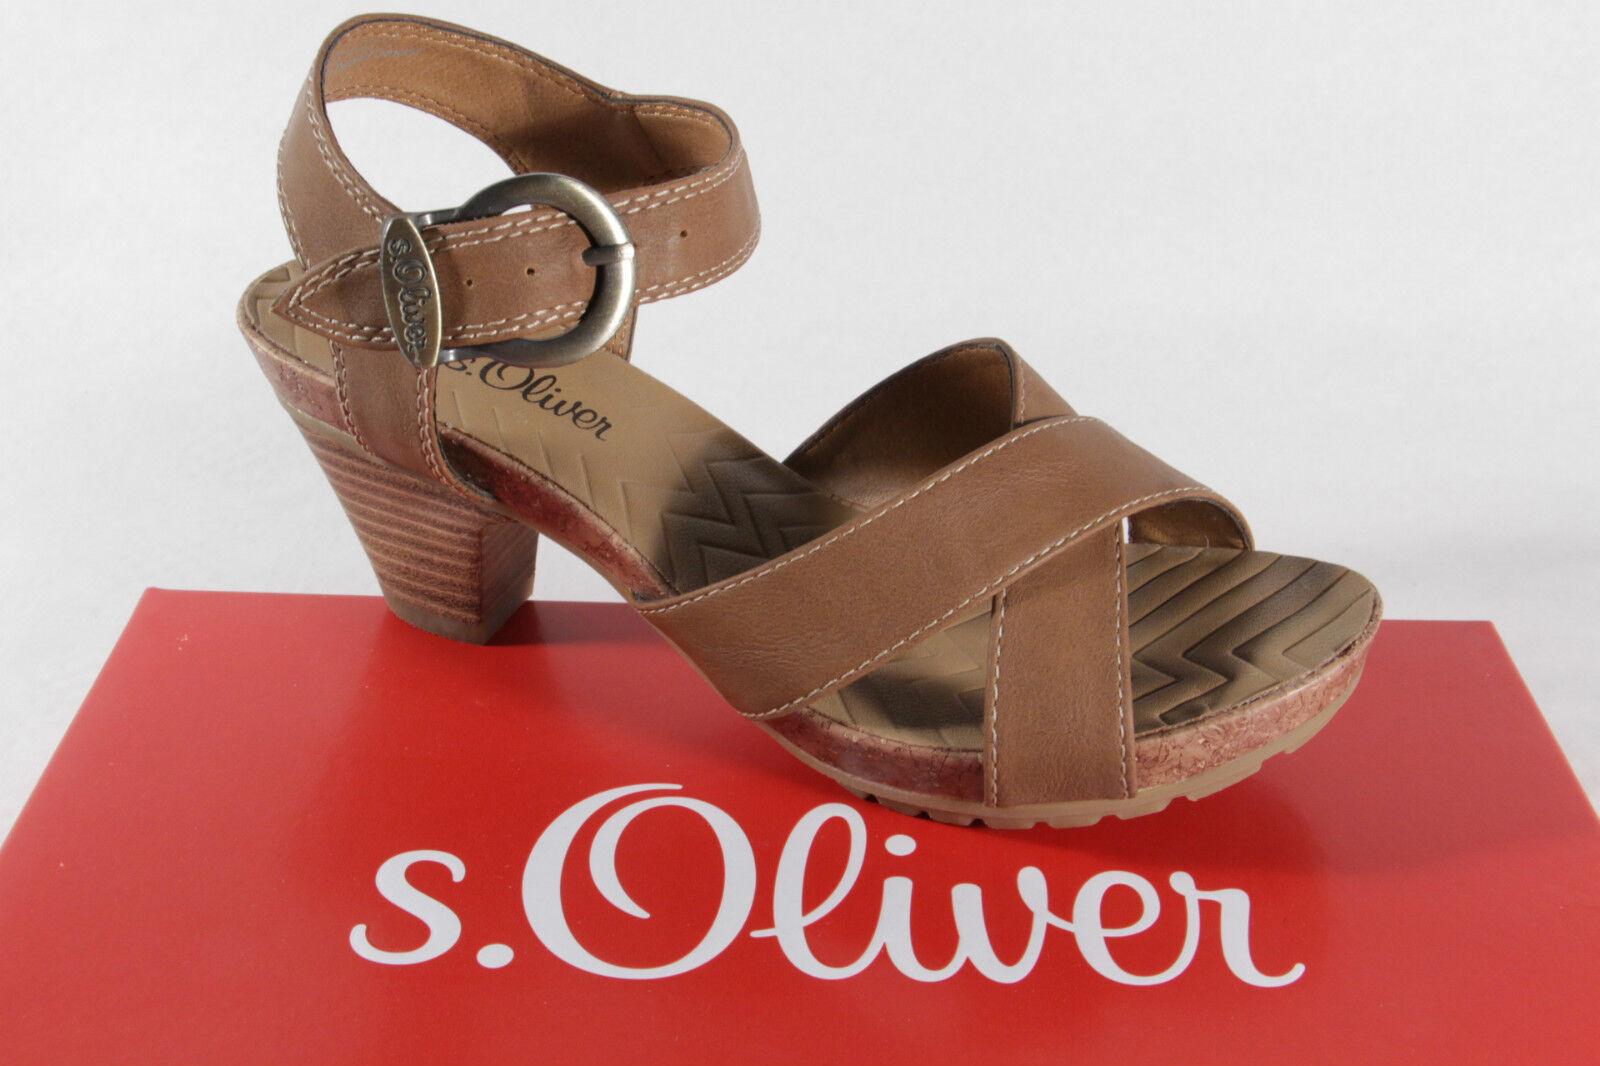 s. Oliver sandalia, marrón, Plantilla de piel NUEVO